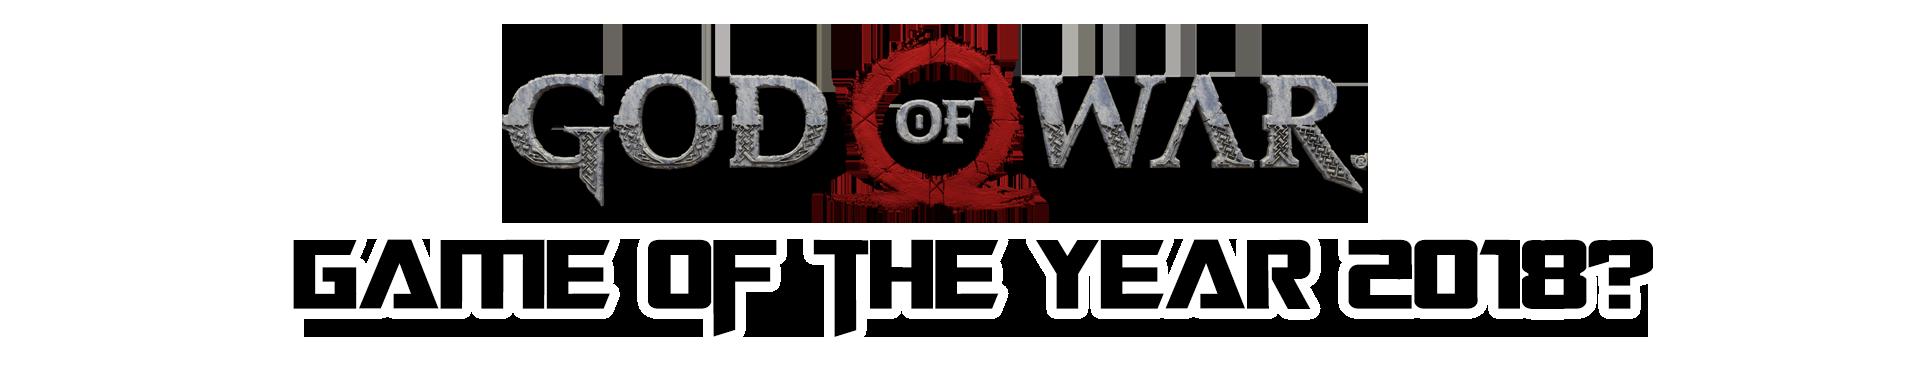 God of War 2018: Khi vị thần chiến tranh ngang tàng trở thành người cha đầy trách nhiệm - Ảnh 19.